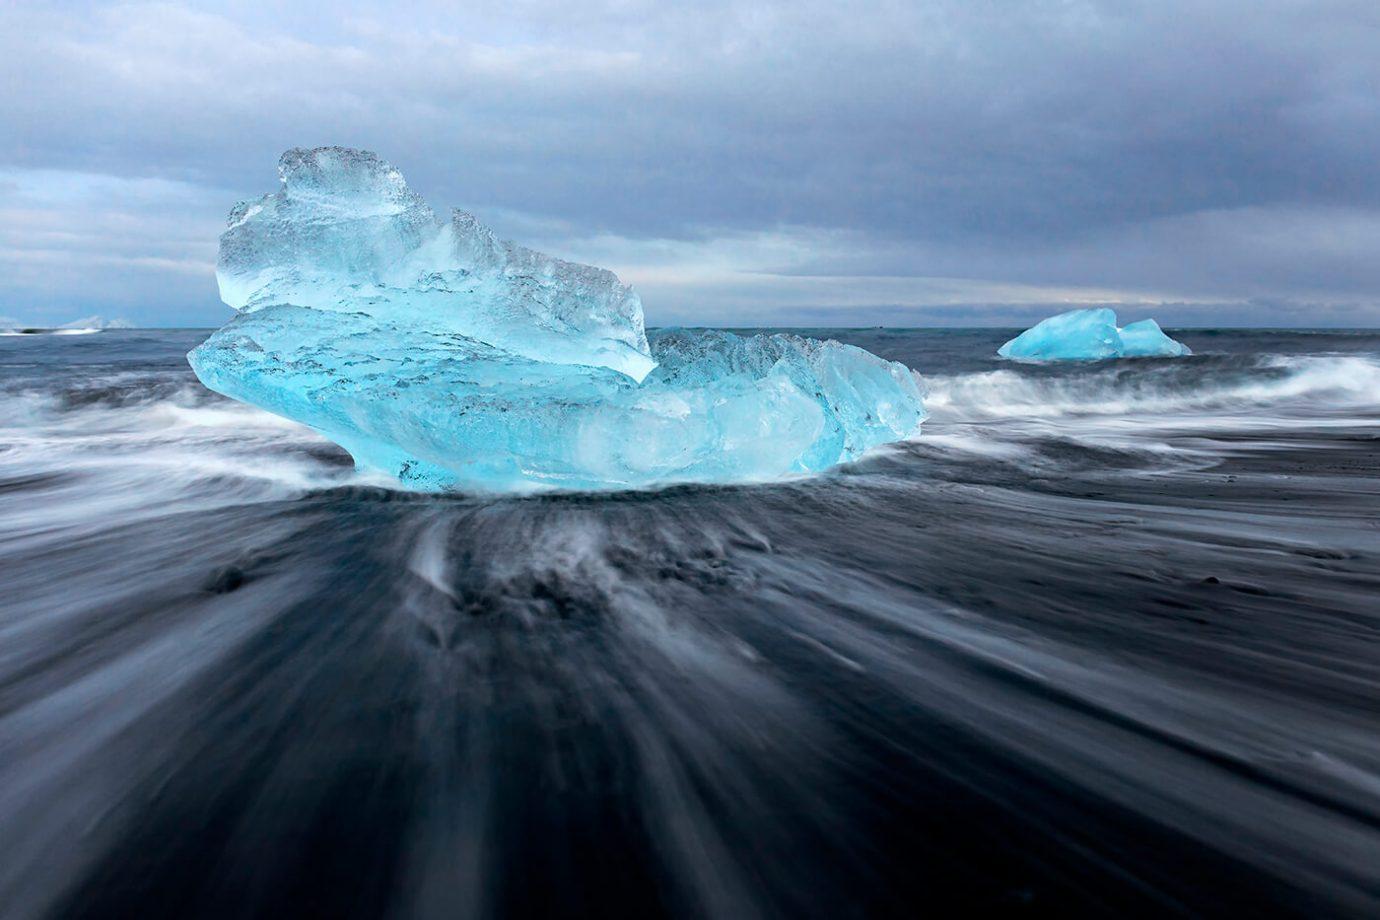 Icebergs, Diamond Beach, Jökulsárlón, Iceland, Melvin Nicholson Photography